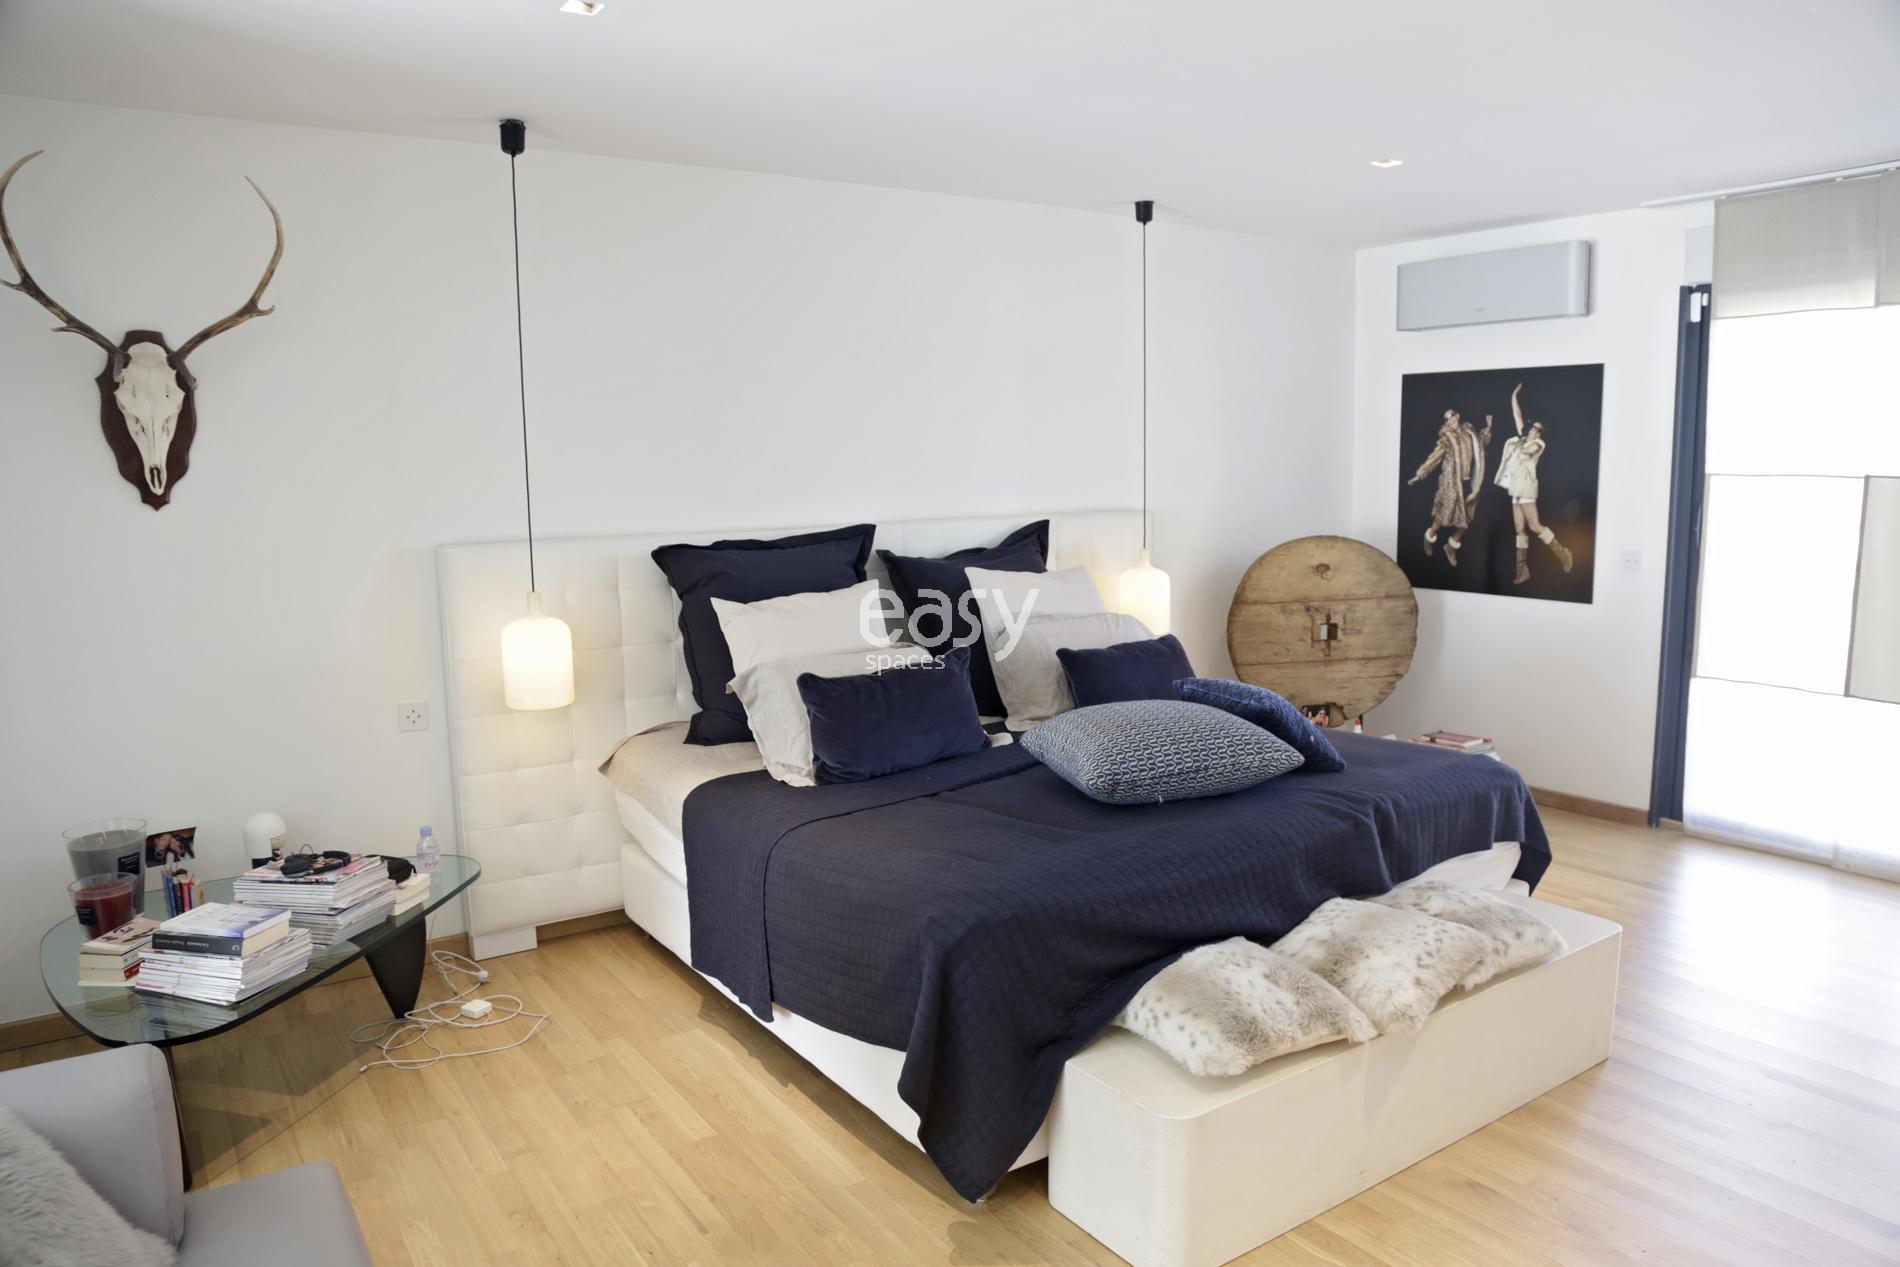 Location maison contemporaine en bois pour tournage photo marseille lieux lie - Comment louer sa maison ...